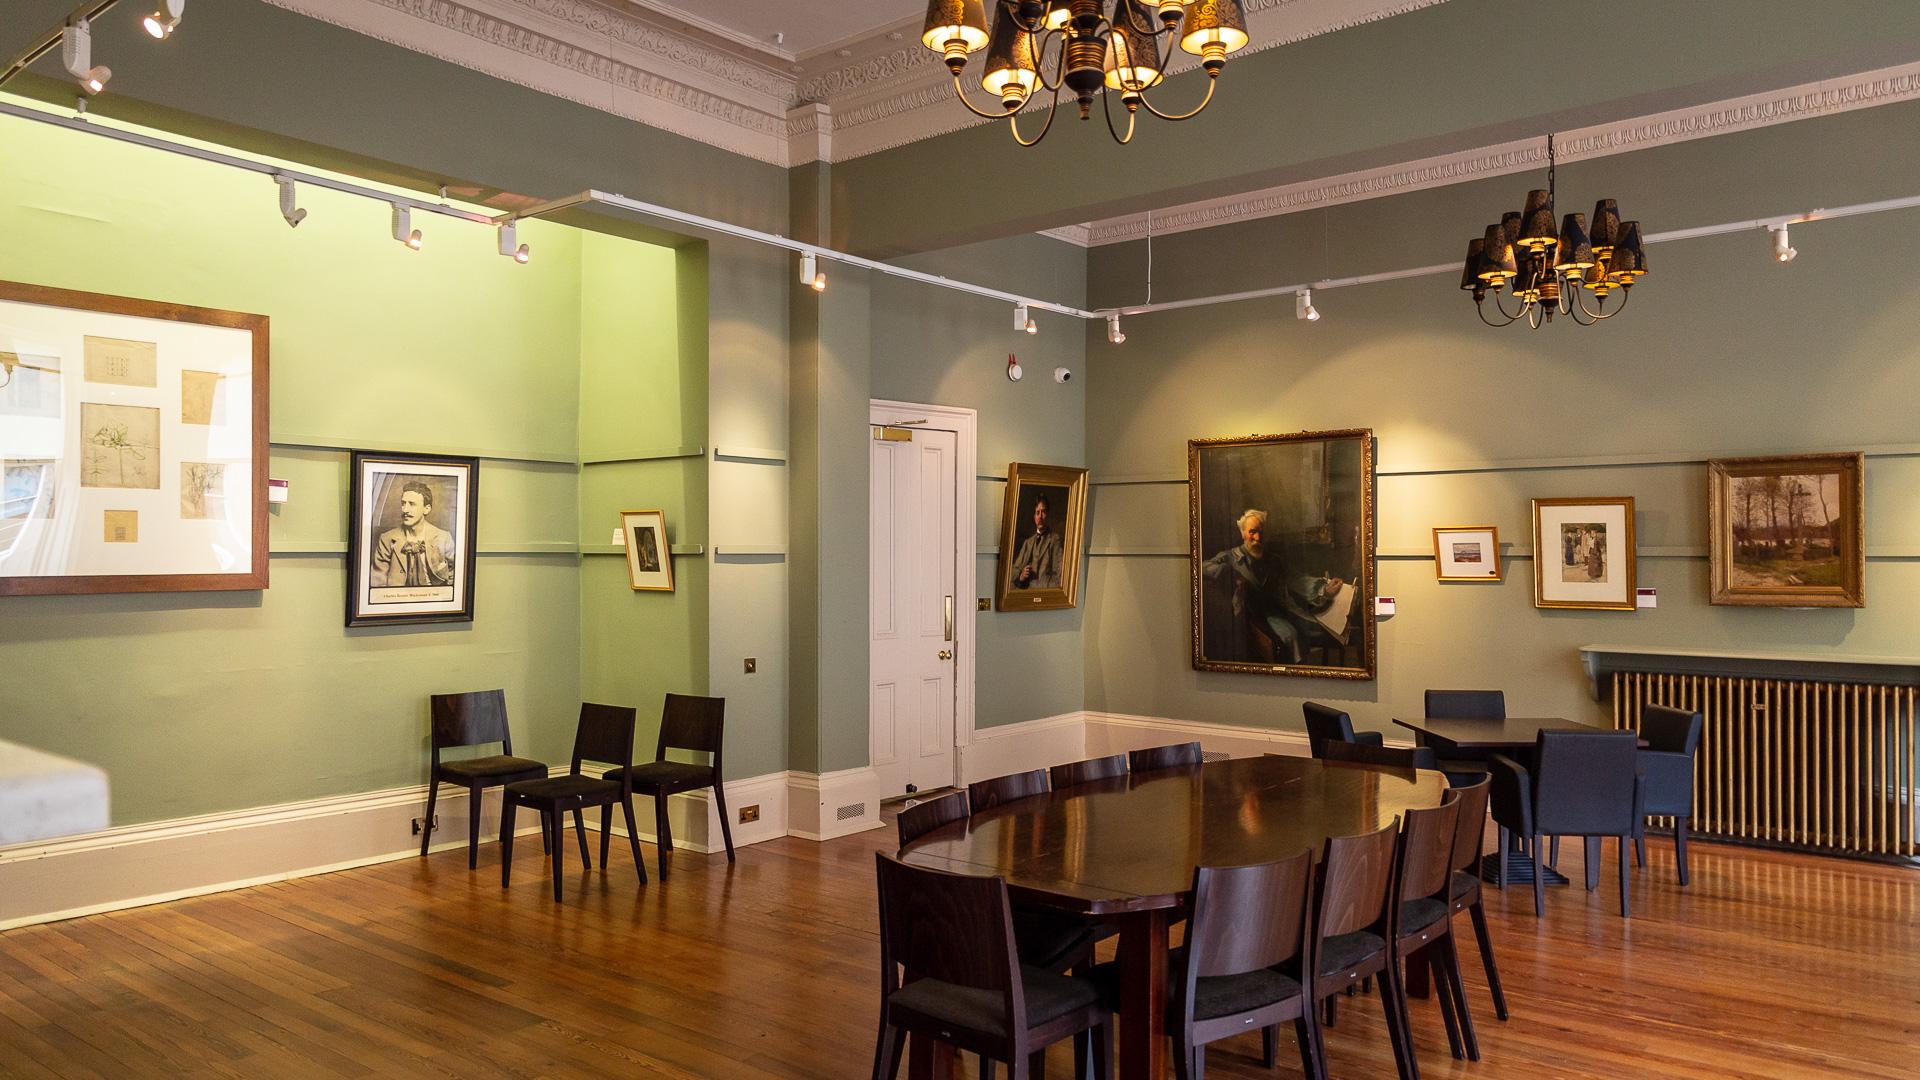 Zimmer mit Zeichnungen von Charles Rennie Mackintosh